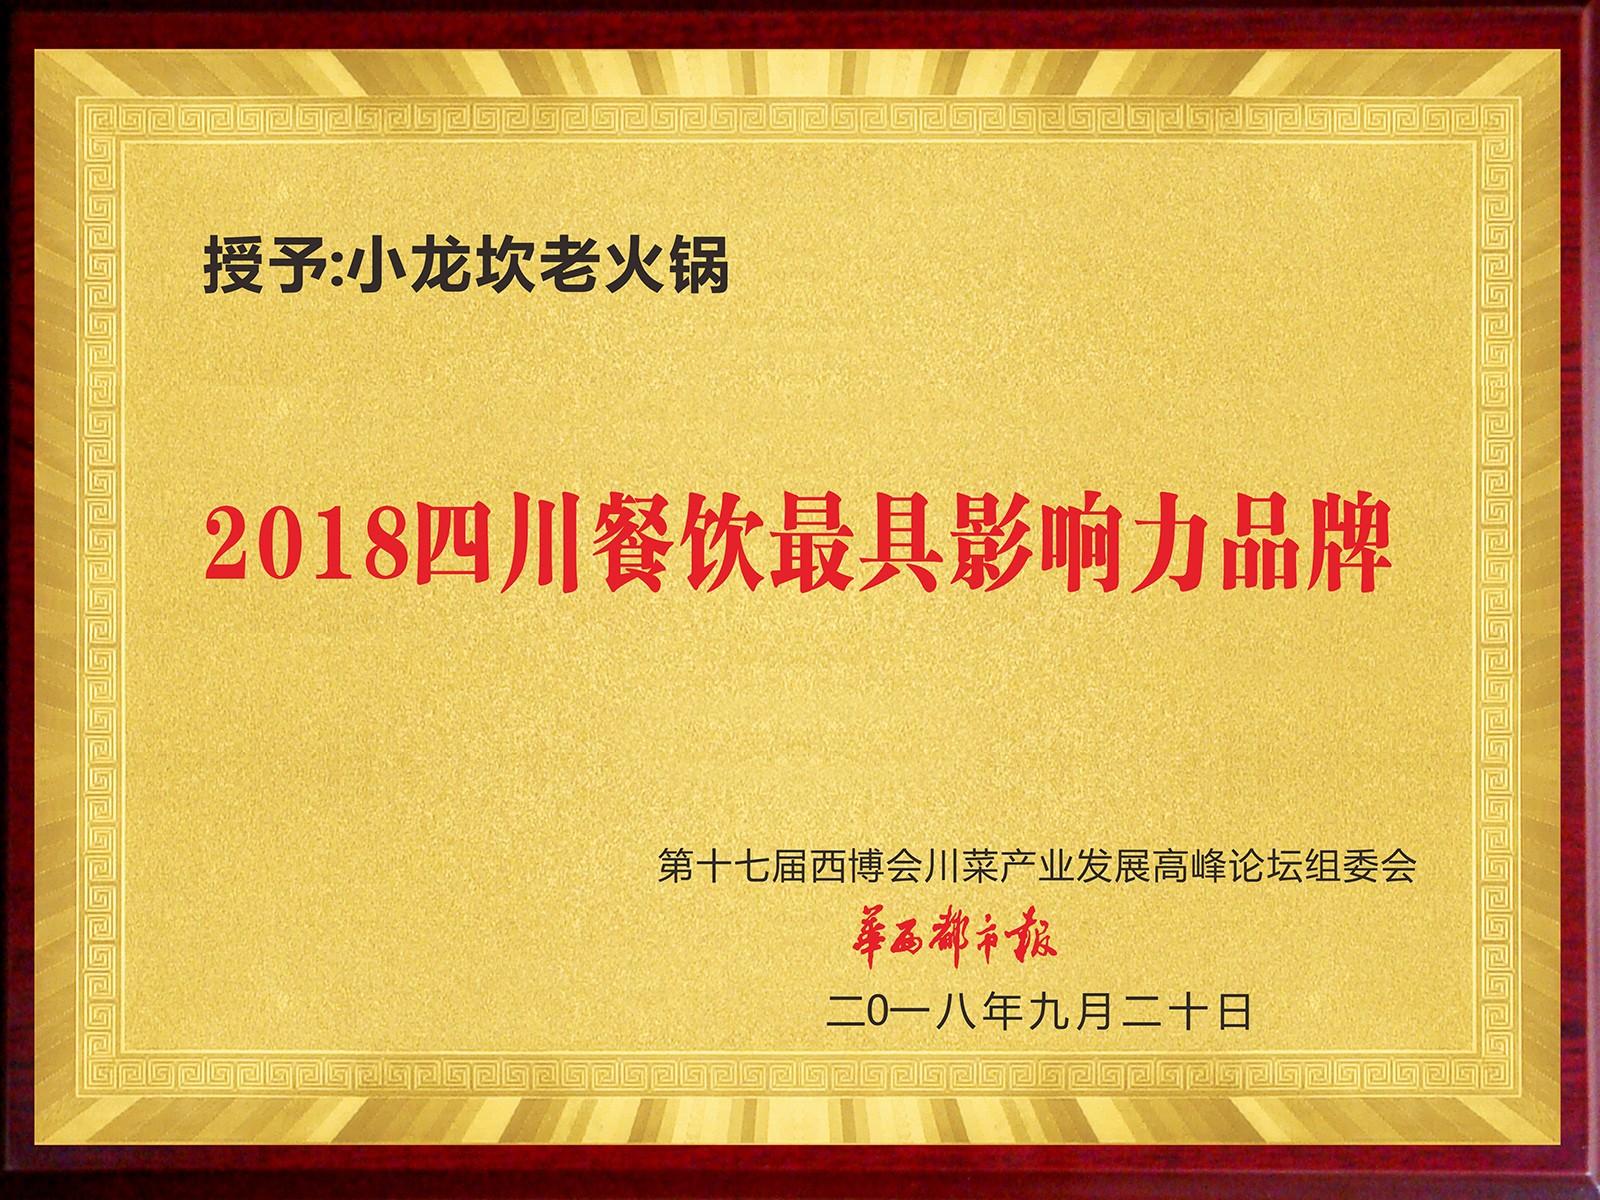 Xiaolongkan honored with